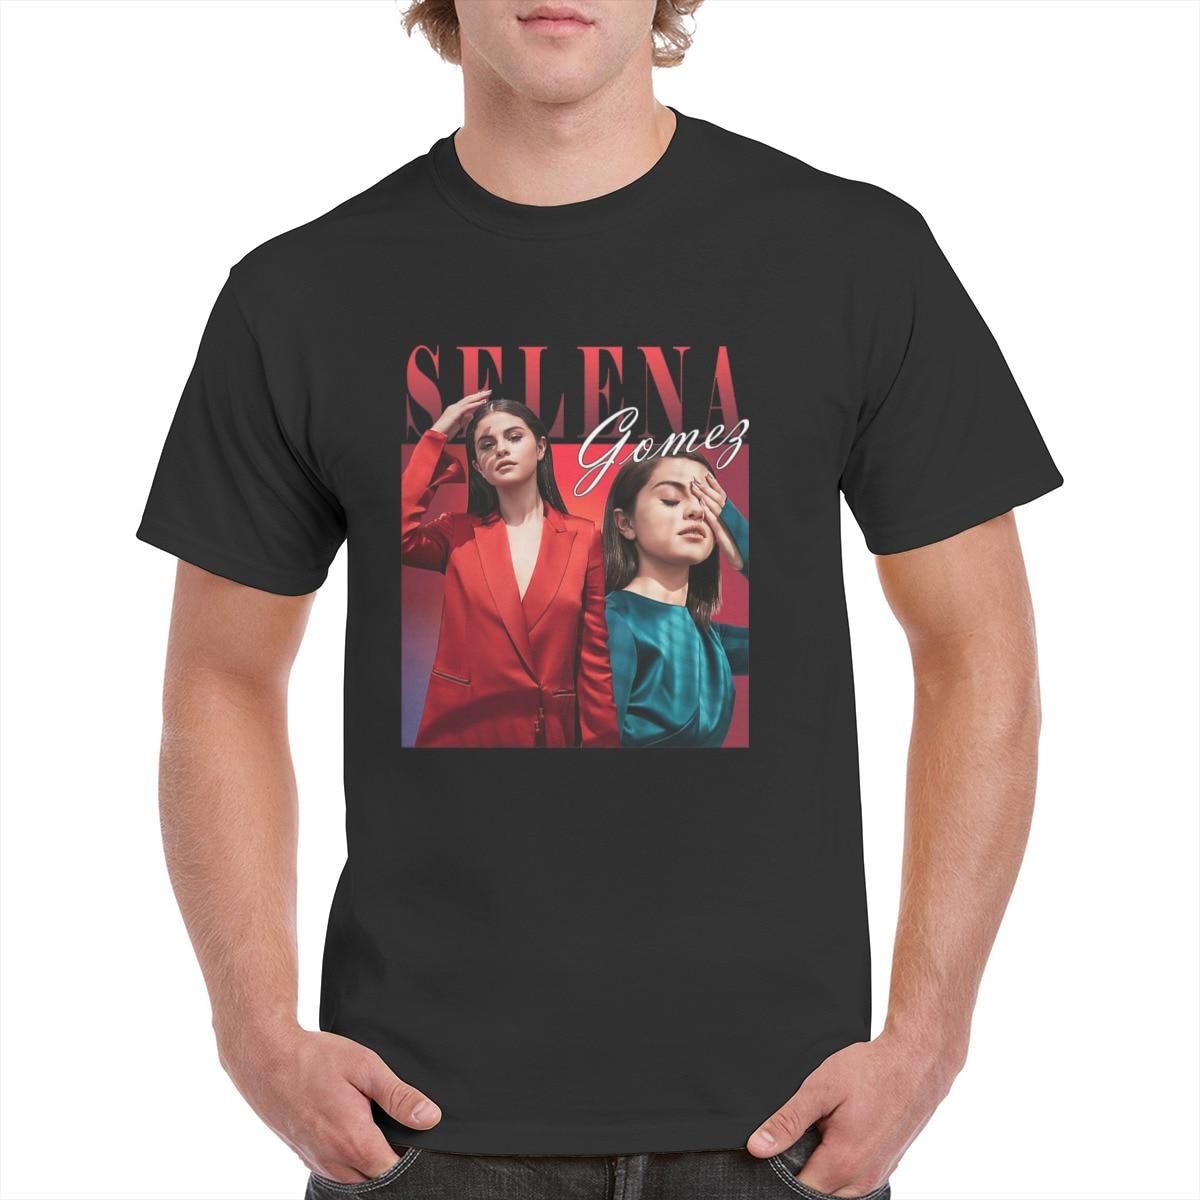 Selena Gomez – T-Shirt unisexe, rétro, tendance, populaire, graphique des années 90, pour femmes et hommes, 100%, couverture en coton